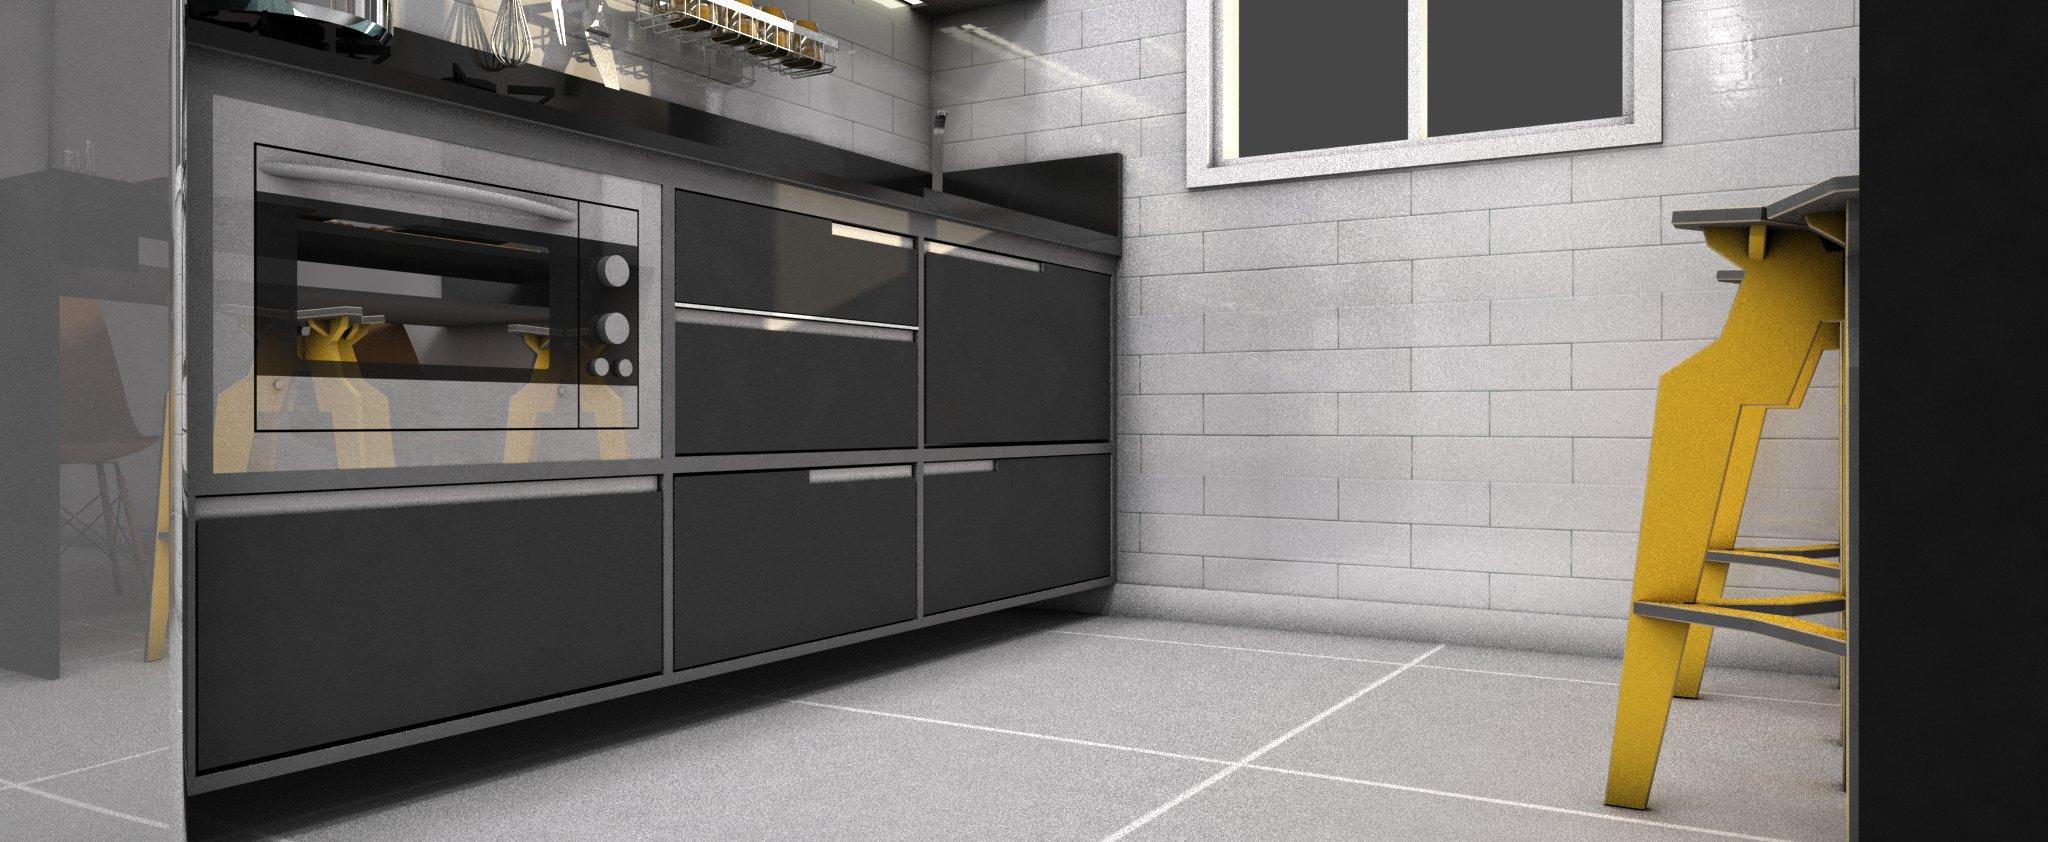 de interiores curitiba:para apartamentos pequenos ideias para cha de  #AA8421 2048 842